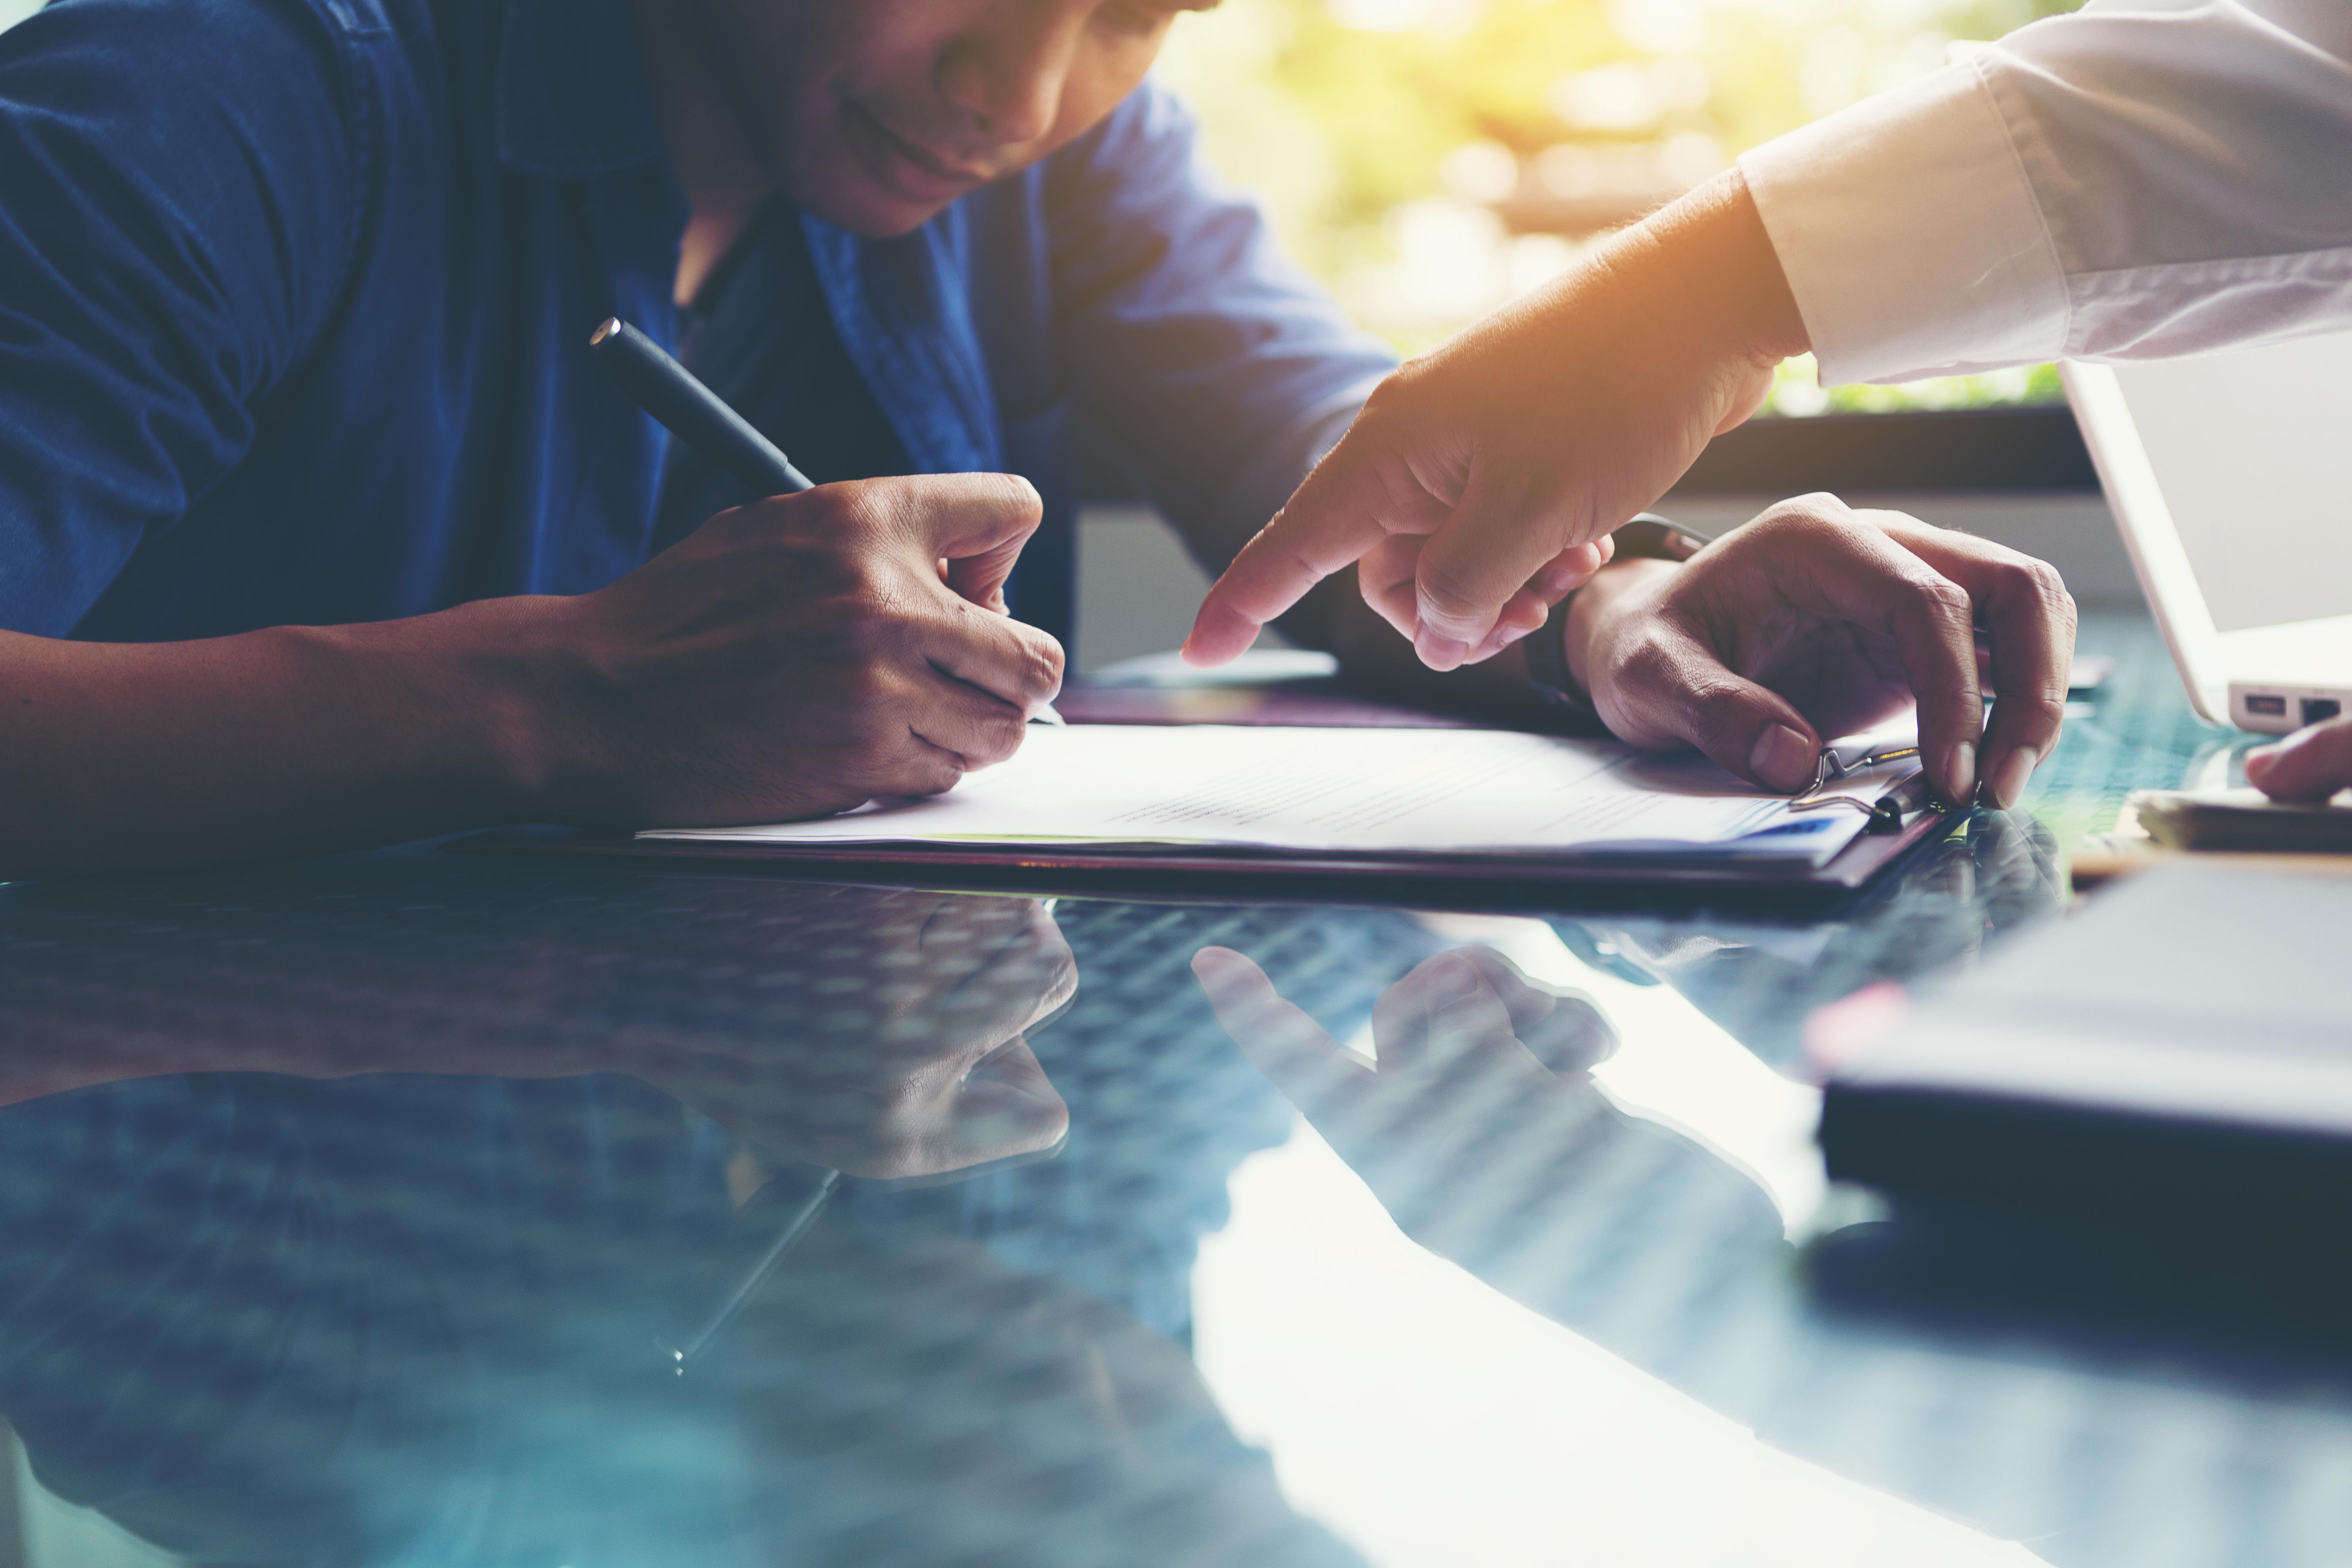 Czy osoby bezrobotne mogą uzyskać pożyczkę?